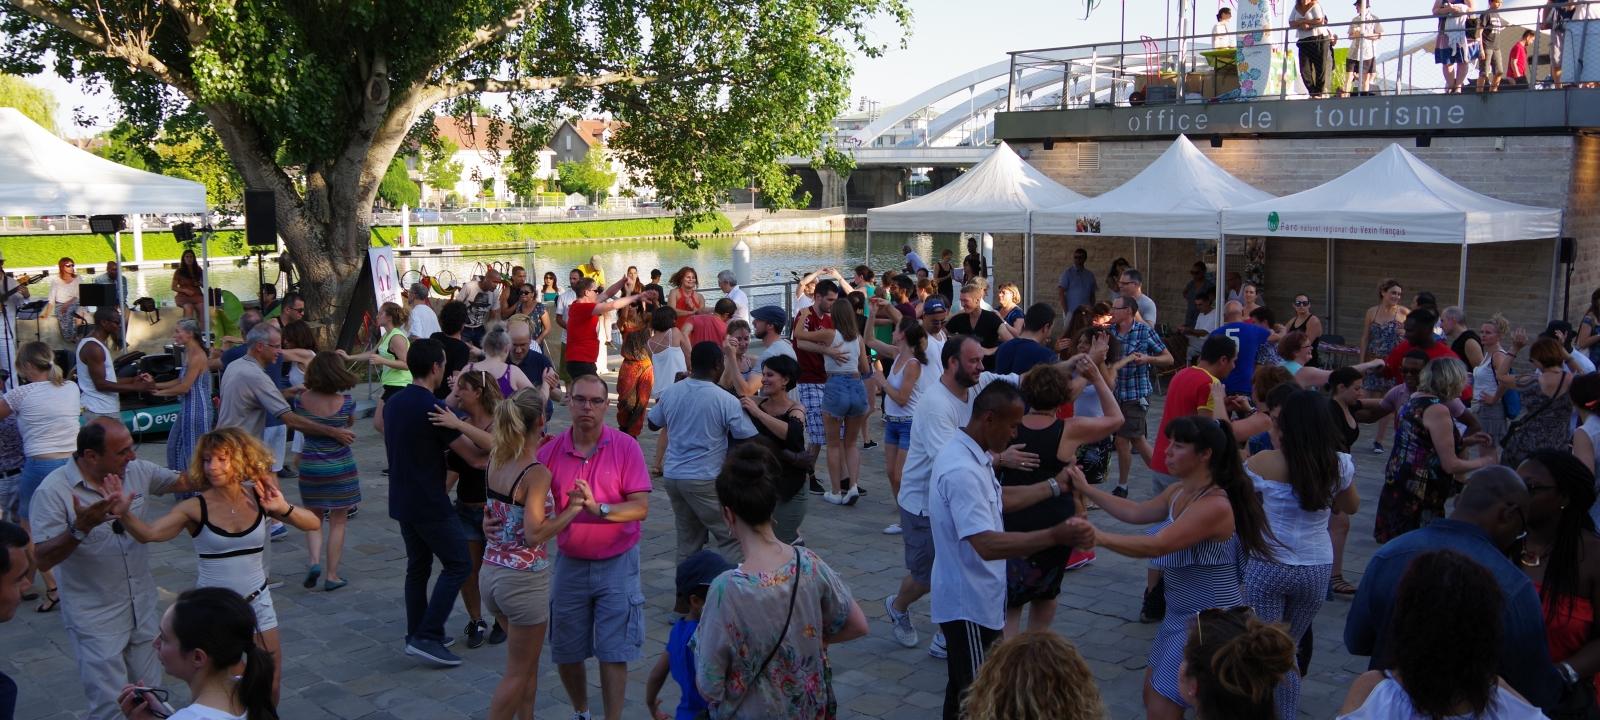 Photo prise sur les quais de Pontoise face à l'office de tourisme de Pontoise, au cours d'un concert de musique latine où de nombreux danseurs dansent la salsa au No Mad Festival 2018 à Pontoise